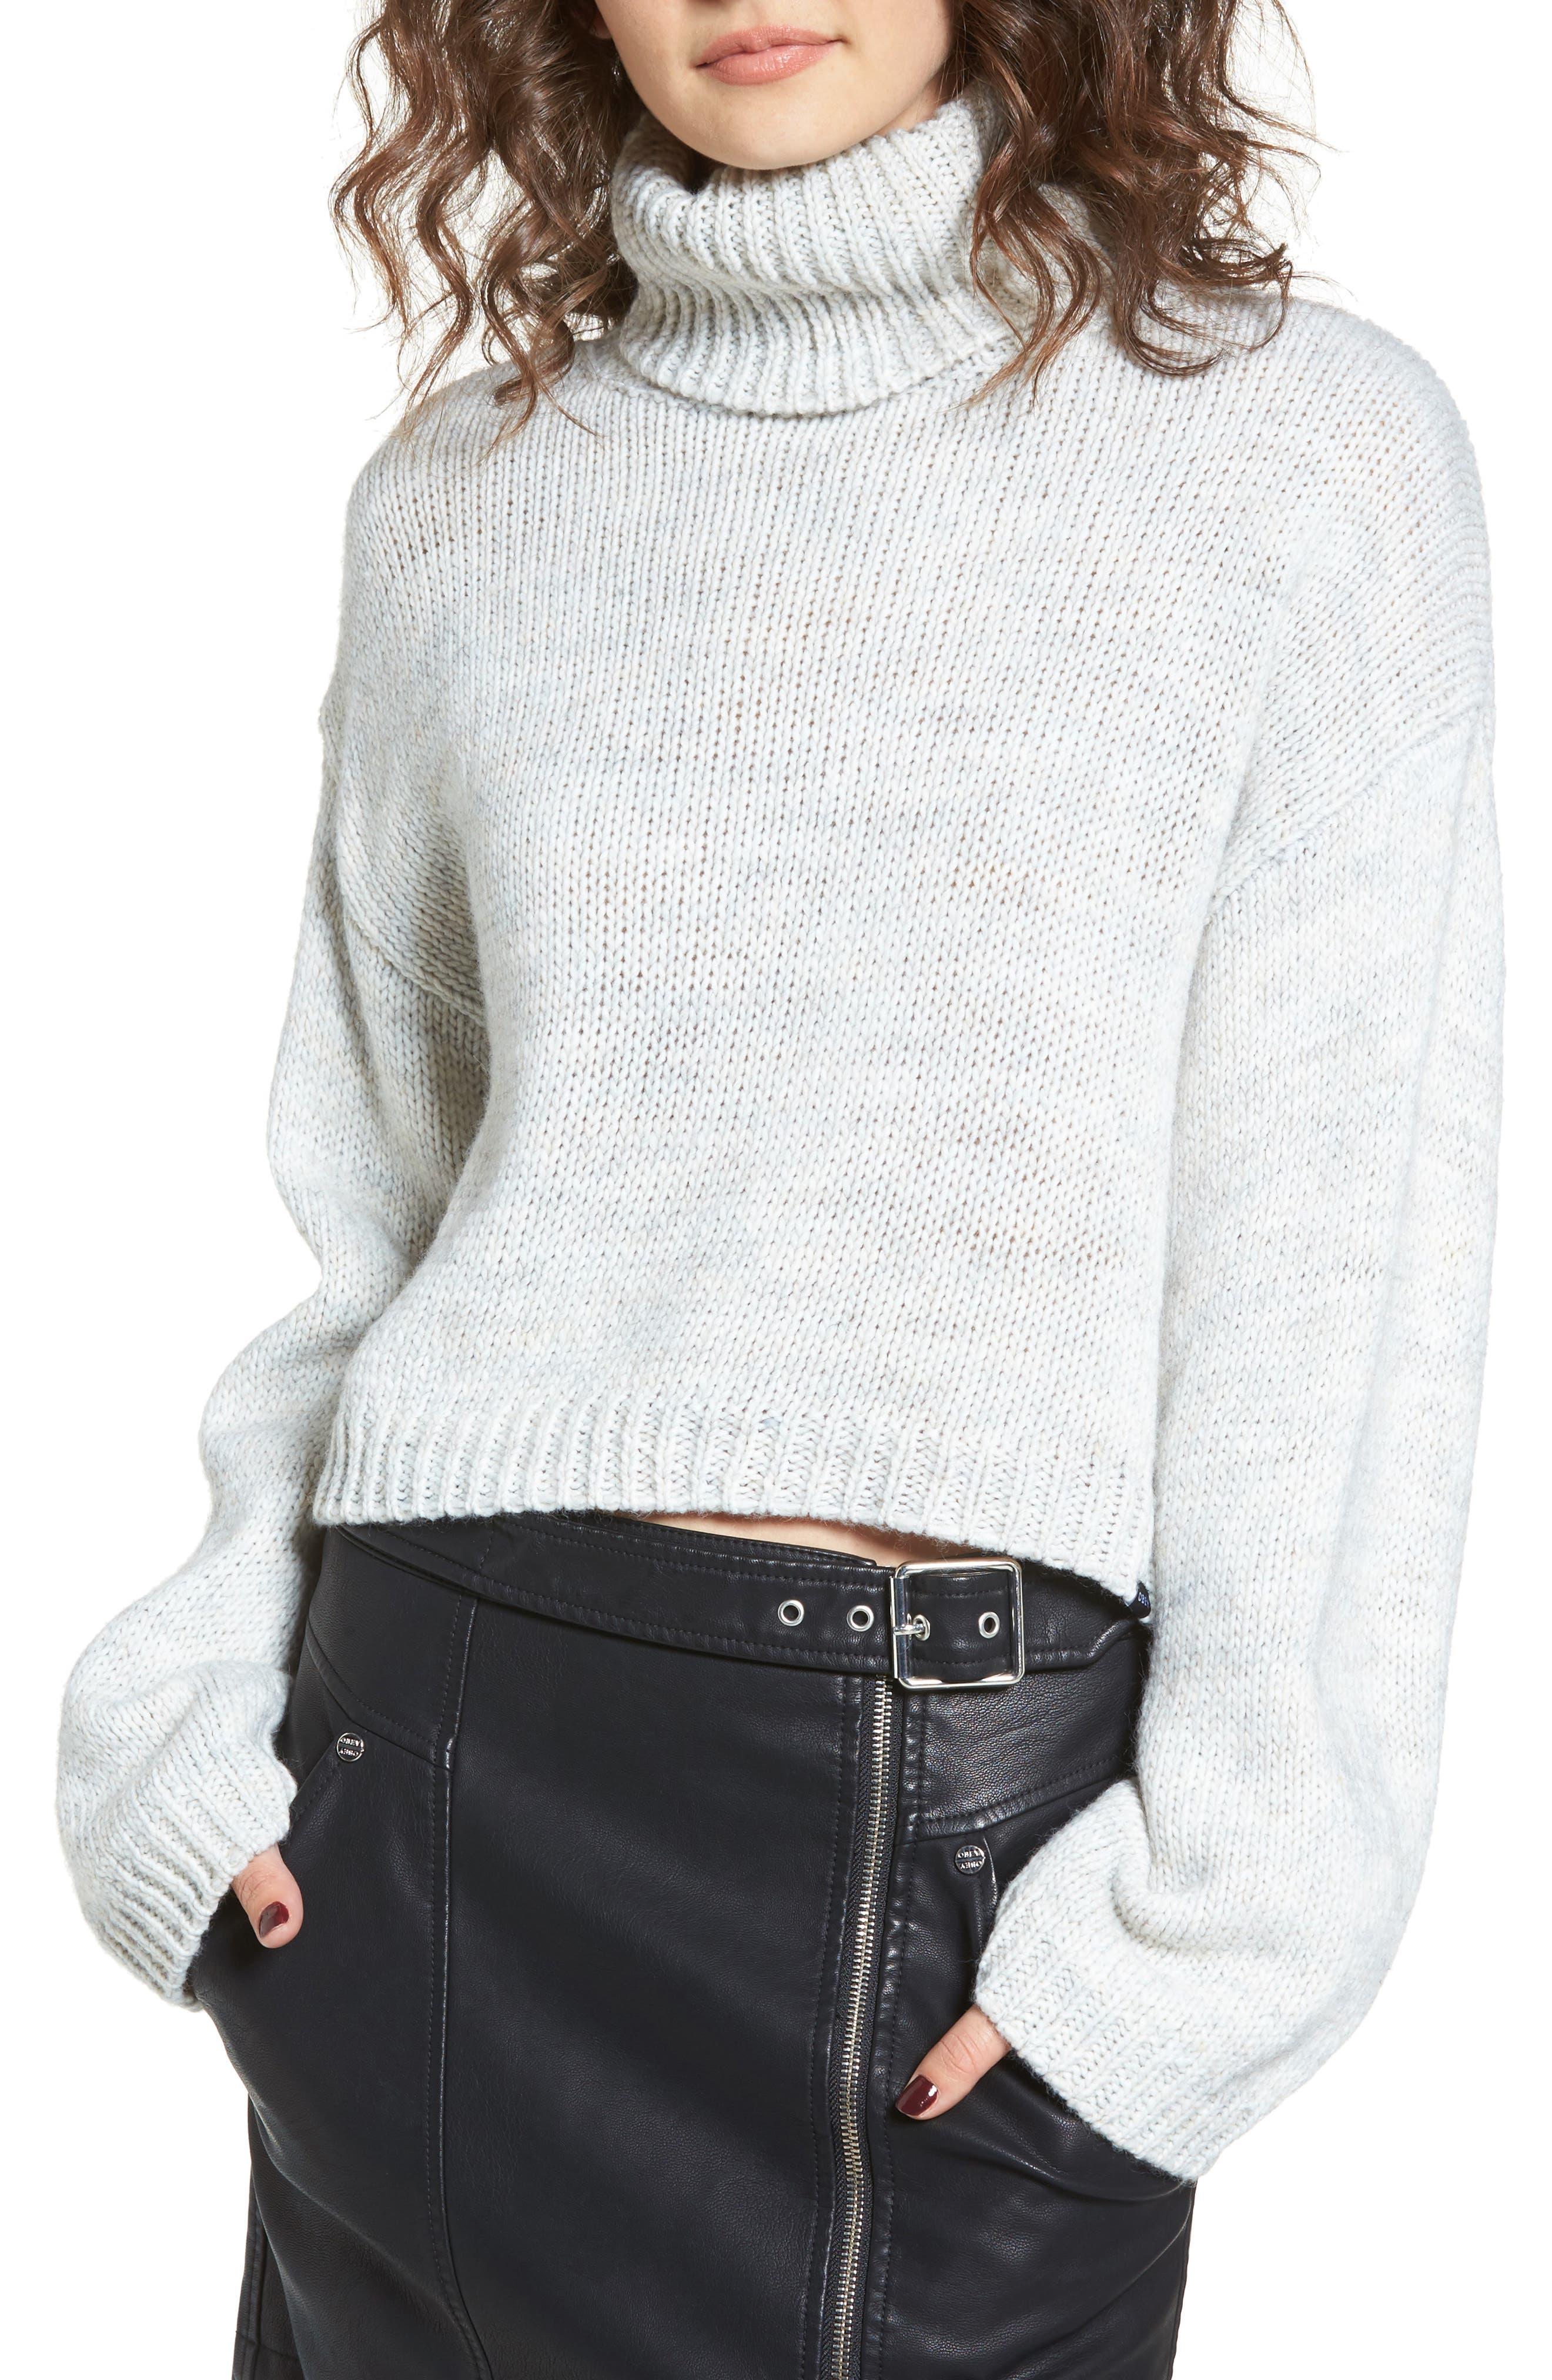 Skelter Turtleneck Sweater,                         Main,                         color, Heather Grey